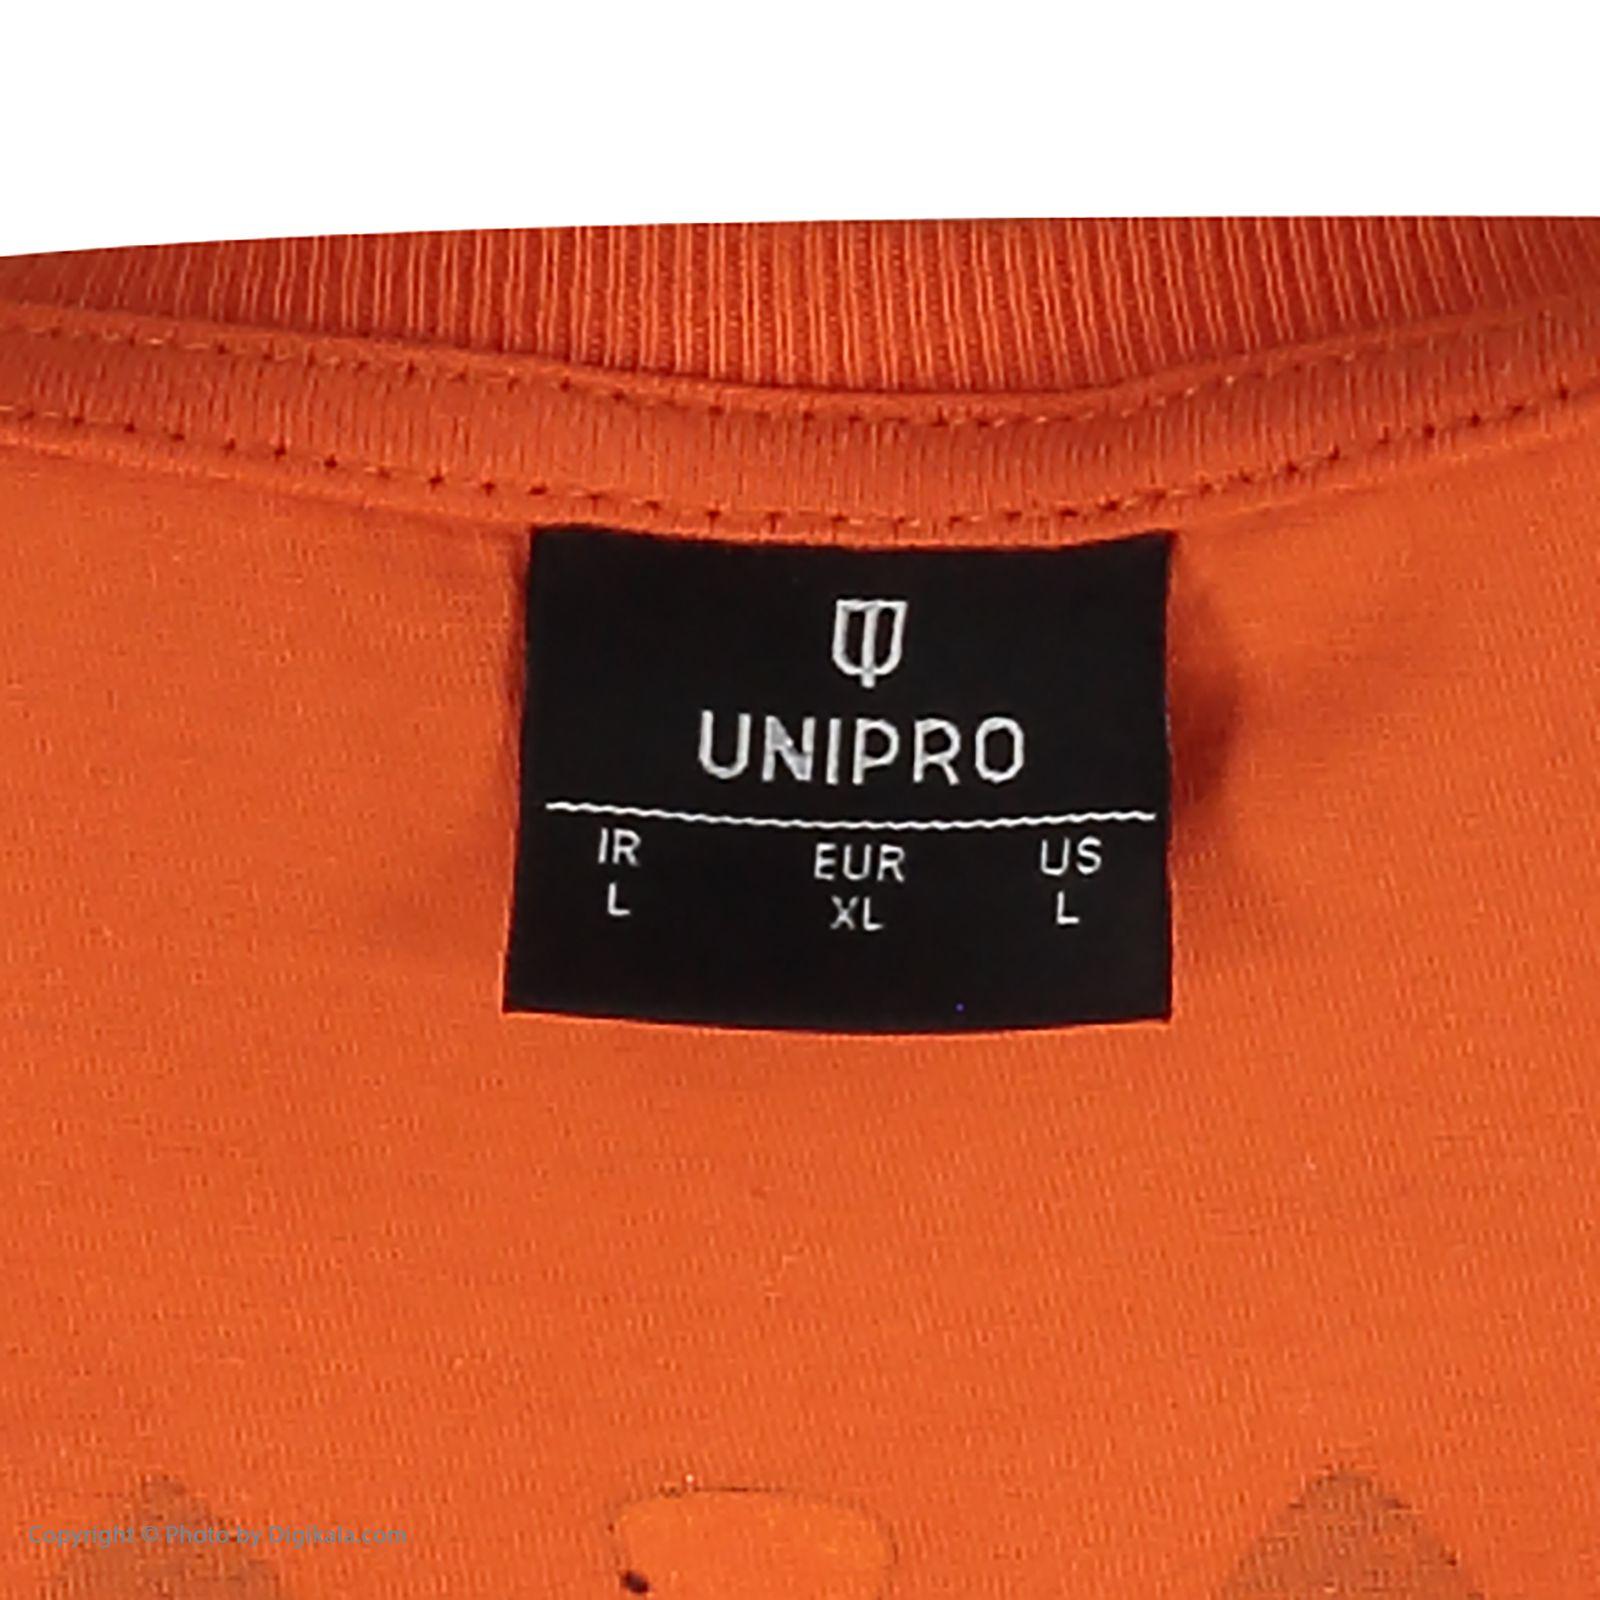 تی شرت ورزشی مردانه یونی پرو مدل 914119325-30 -  - 6